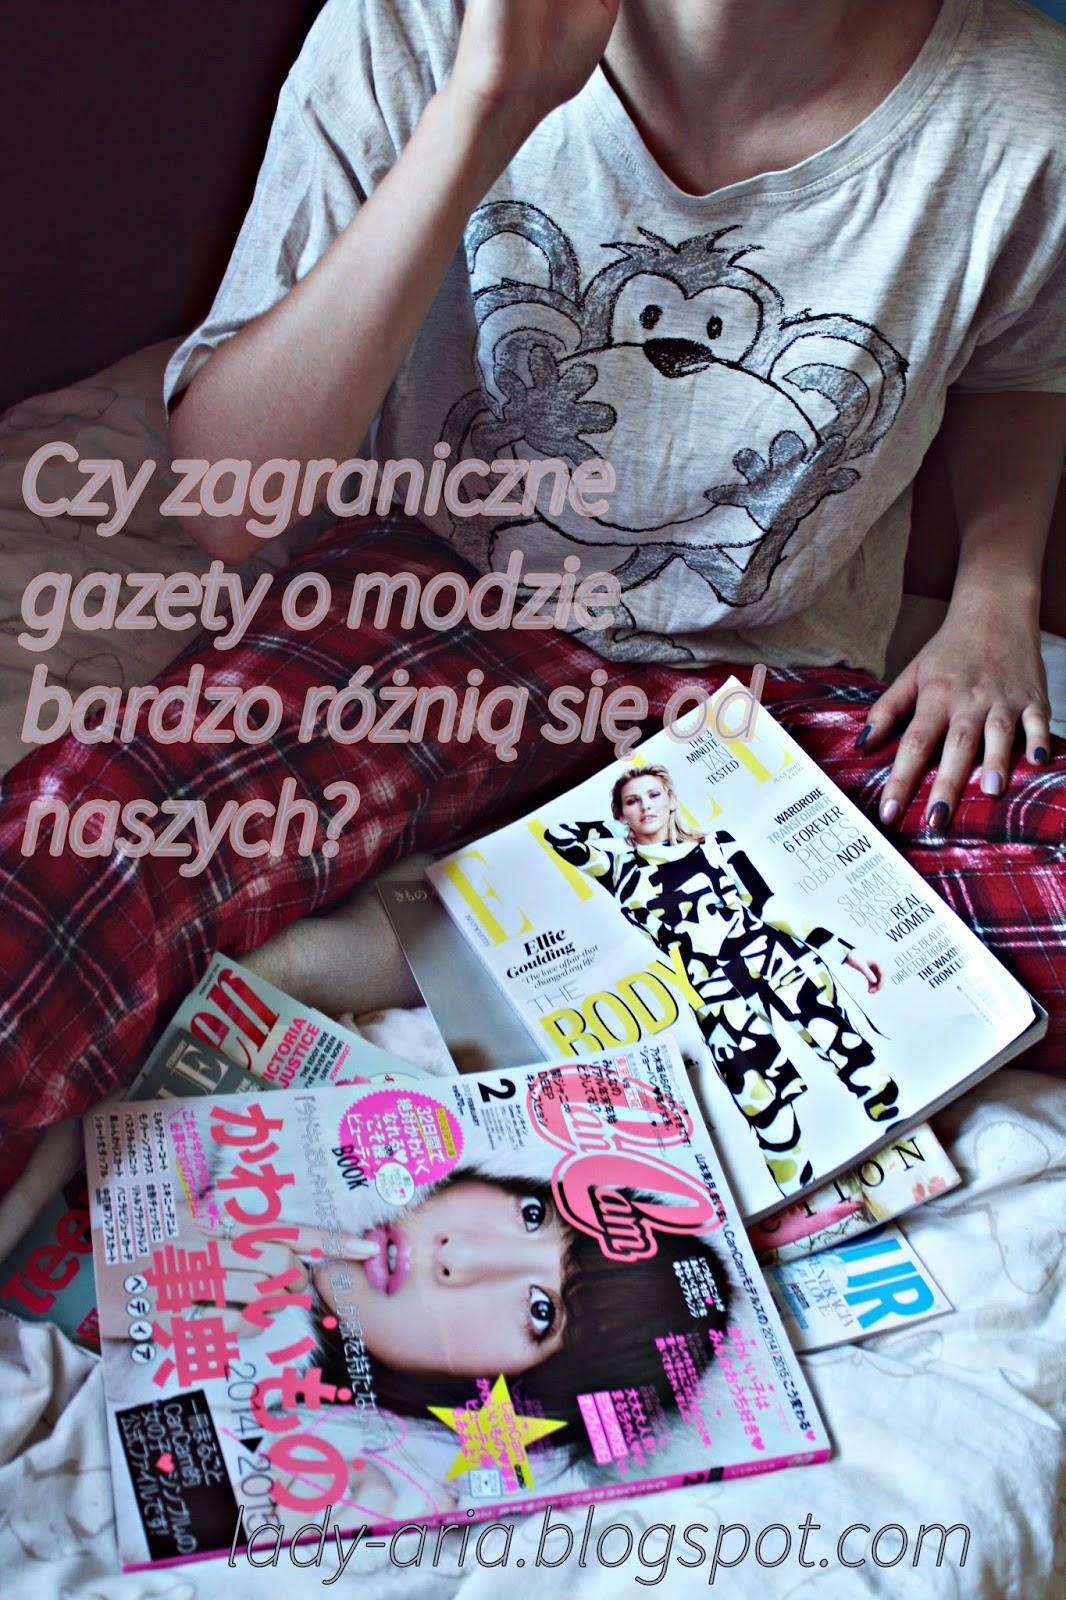 Czy zagraniczne gazety o modzie bardzo różnią się od naszych?